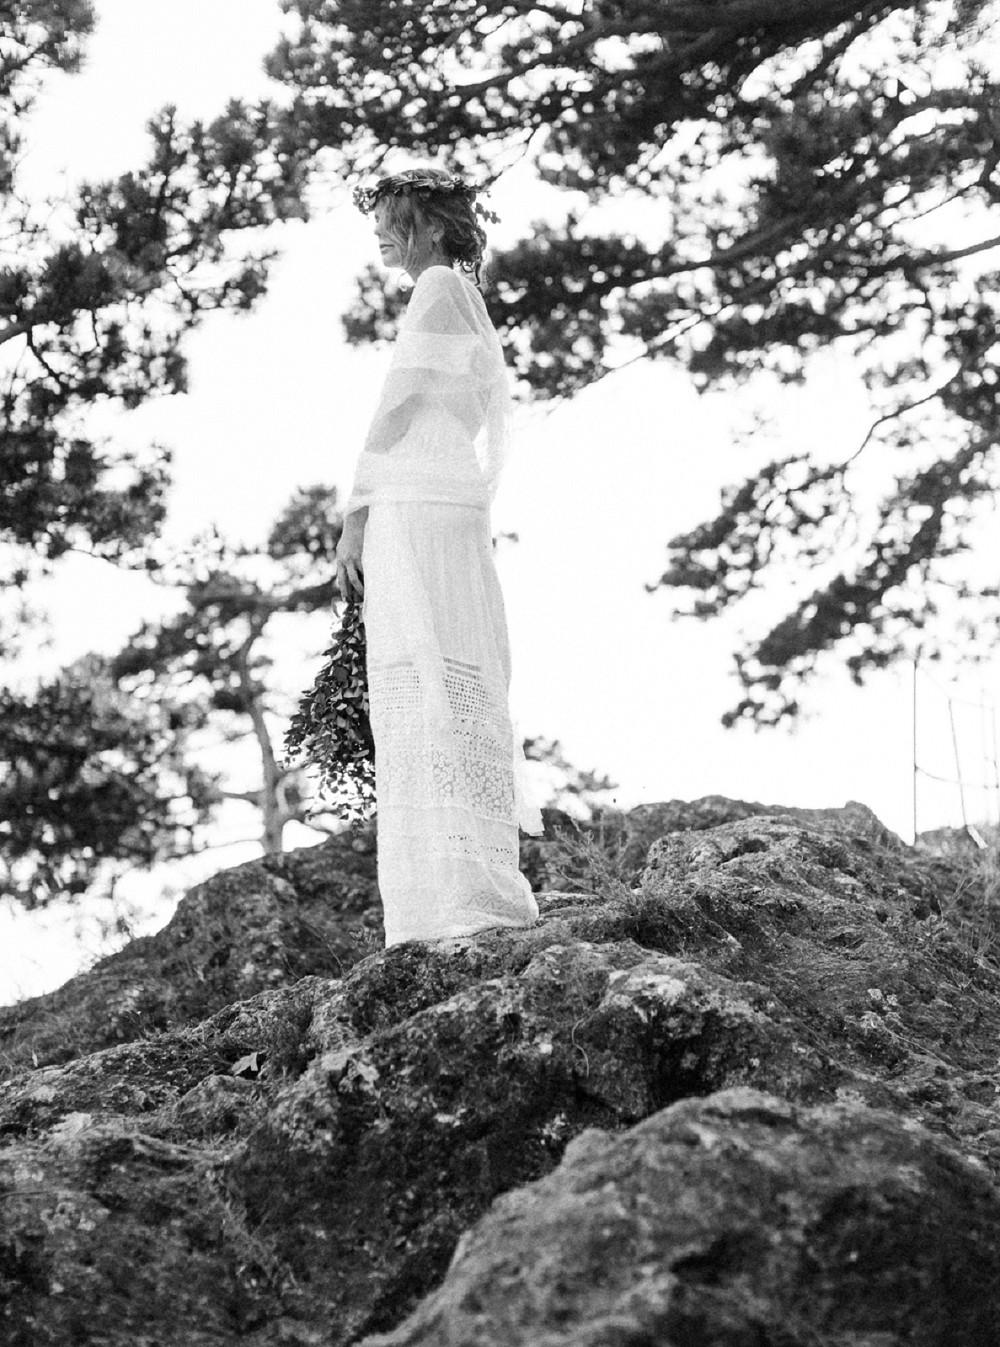 Hochzeitsfotografie, Dorelies Hofer, Wien, Niederösterrreich, Filmfotografie, Wien, Niederösterreich, Editorial